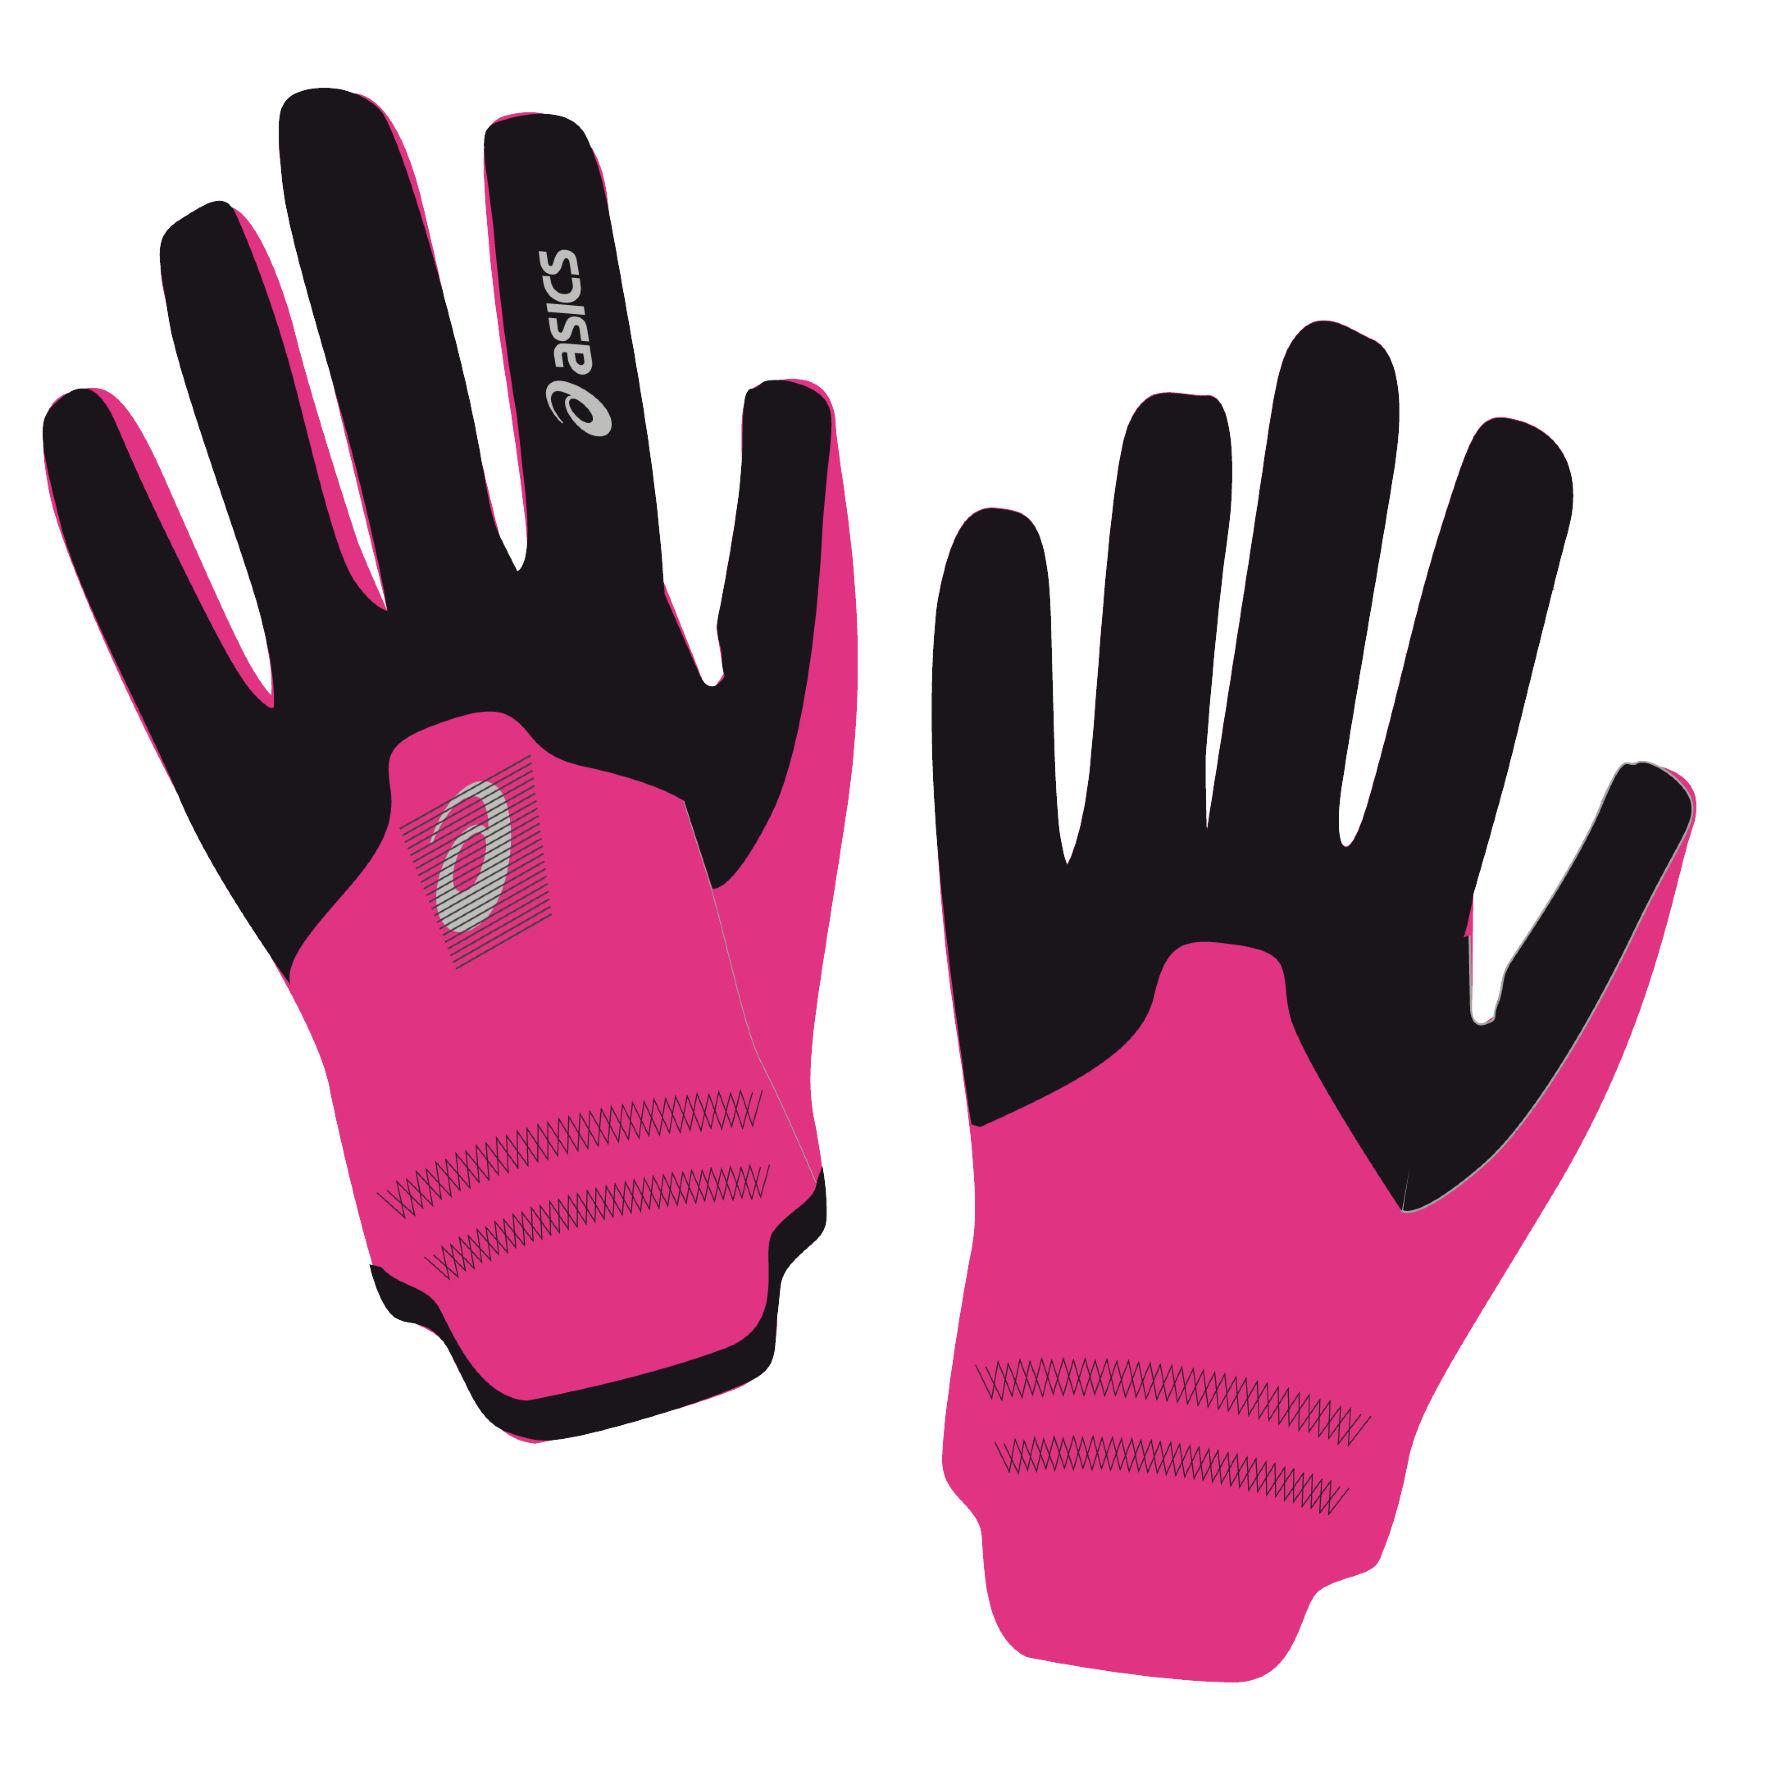 Asics Winter Glove in Schwarz Pink